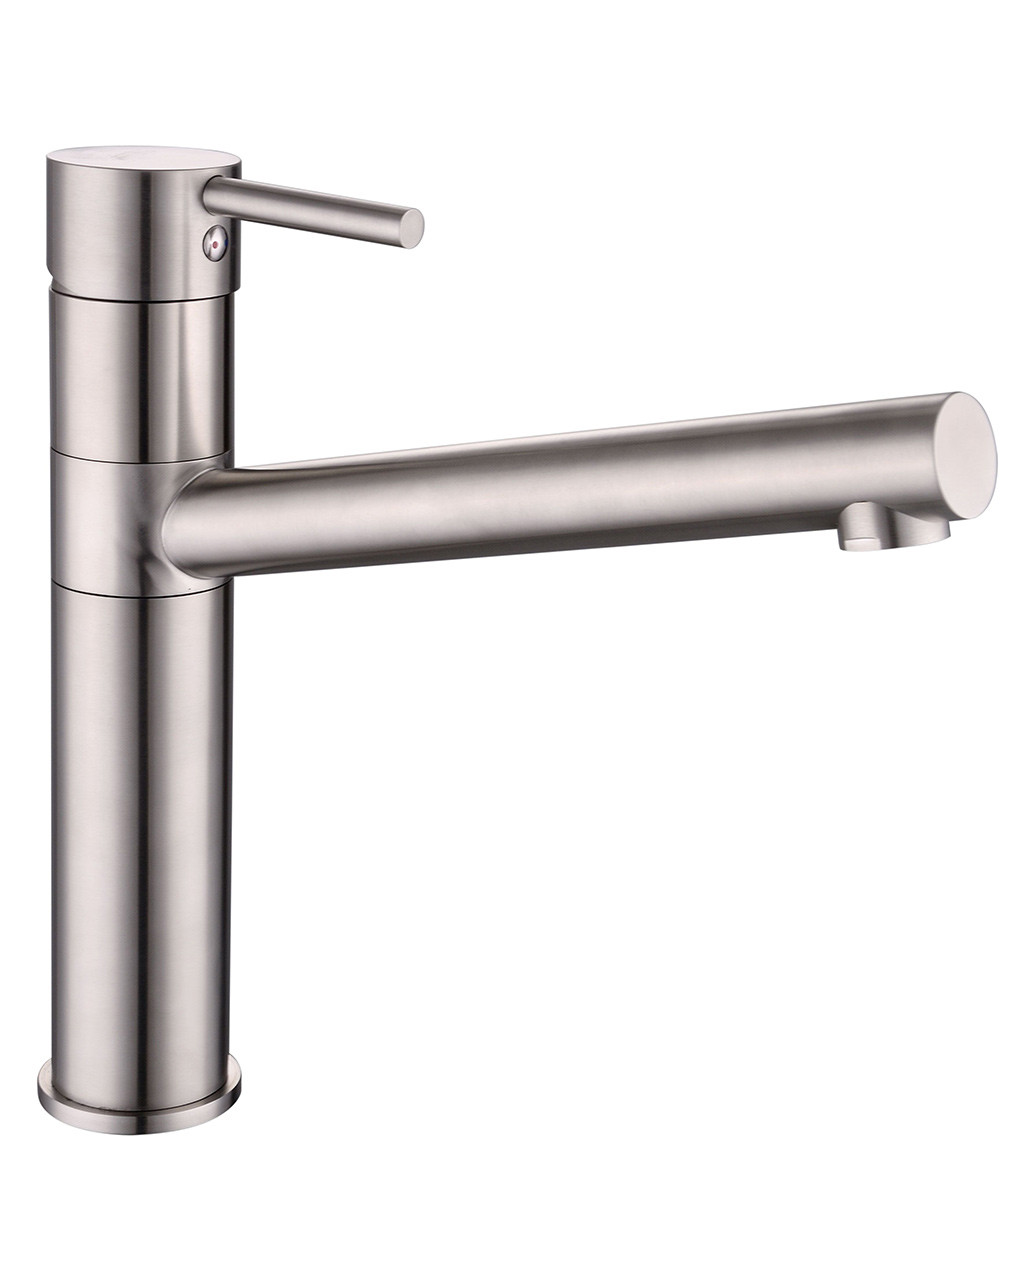 LOTTA смеситель для кухни 55402-SS, сталь, 35 мм